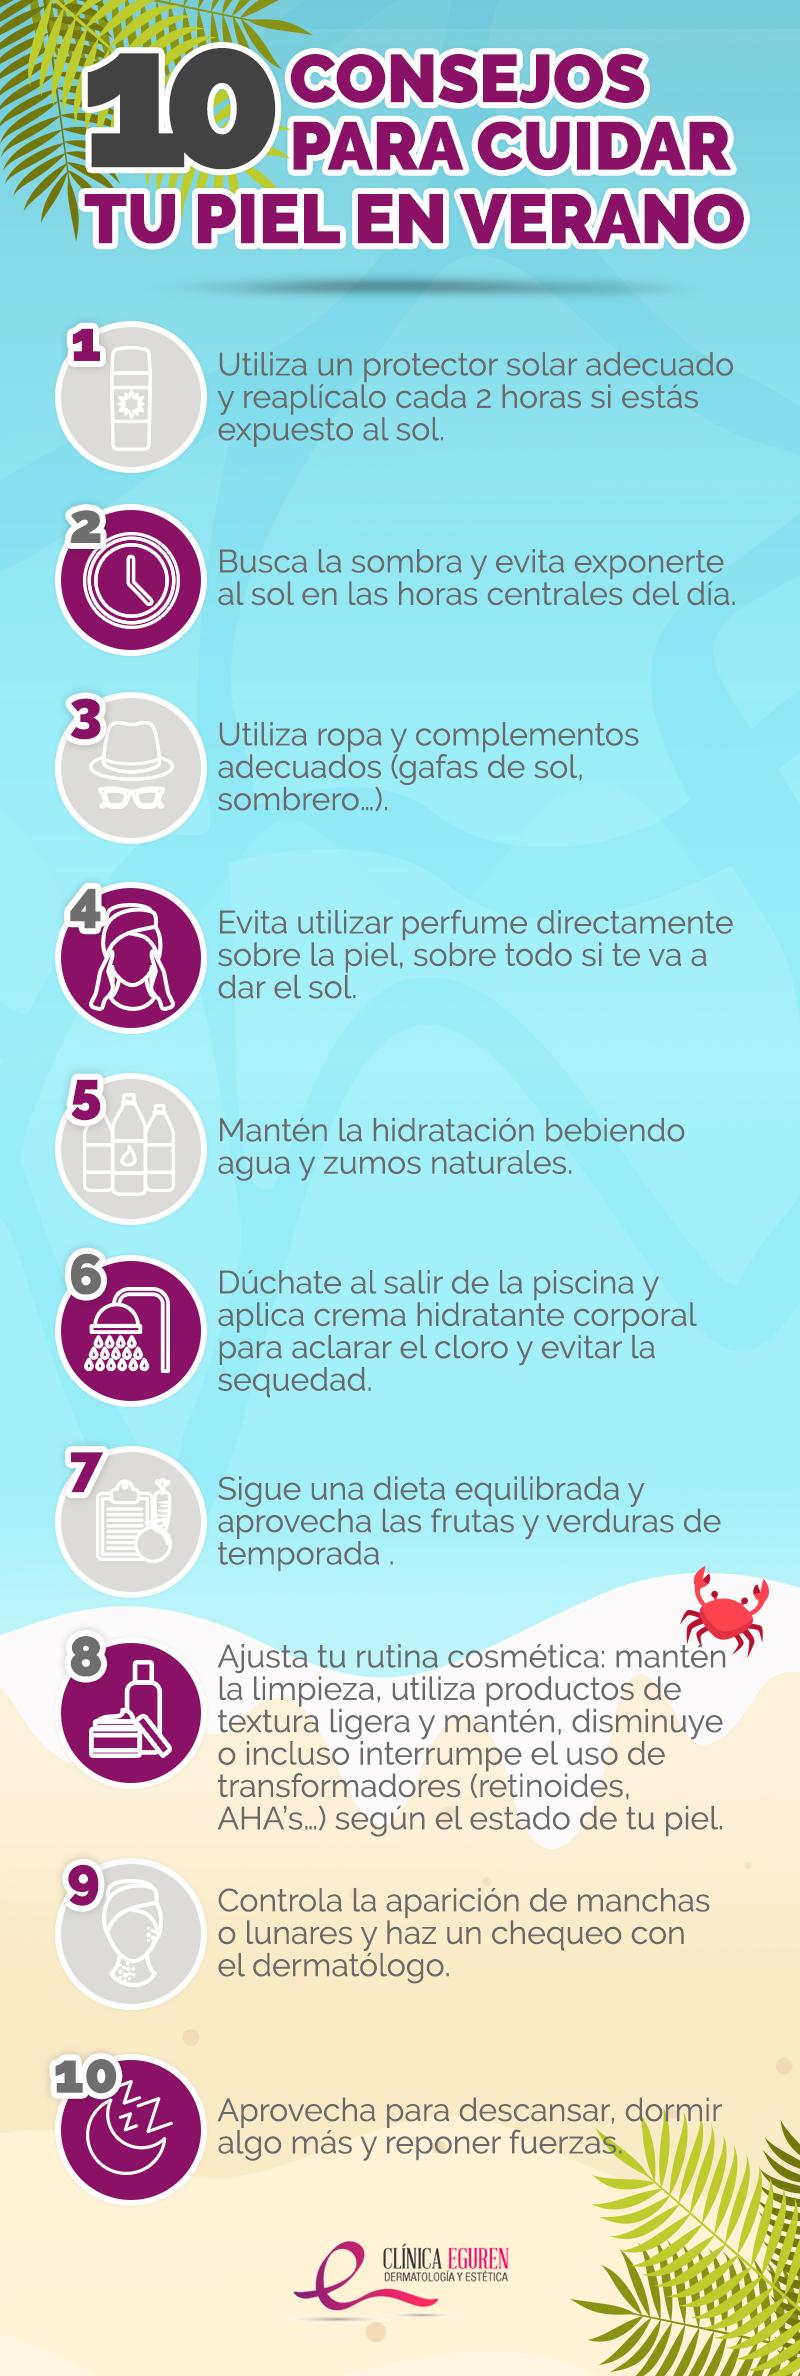 consejos para cuidar la piel en verano infografía